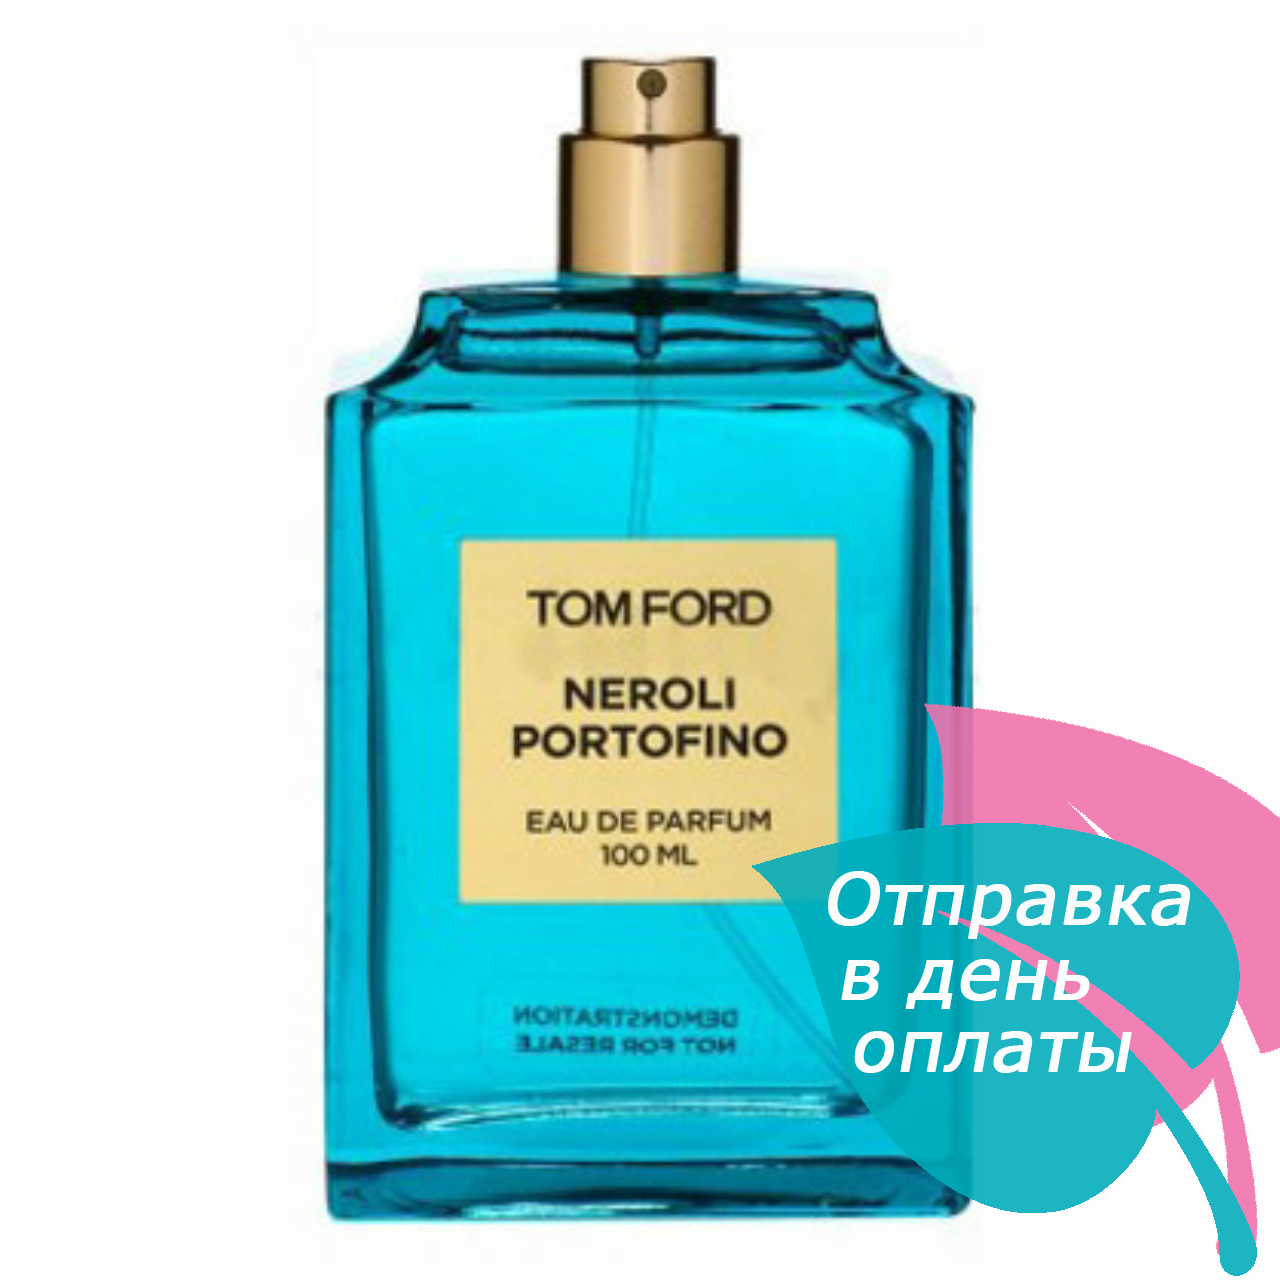 Tom Ford Neroli Portofino TESTER унисекс, 100 мл